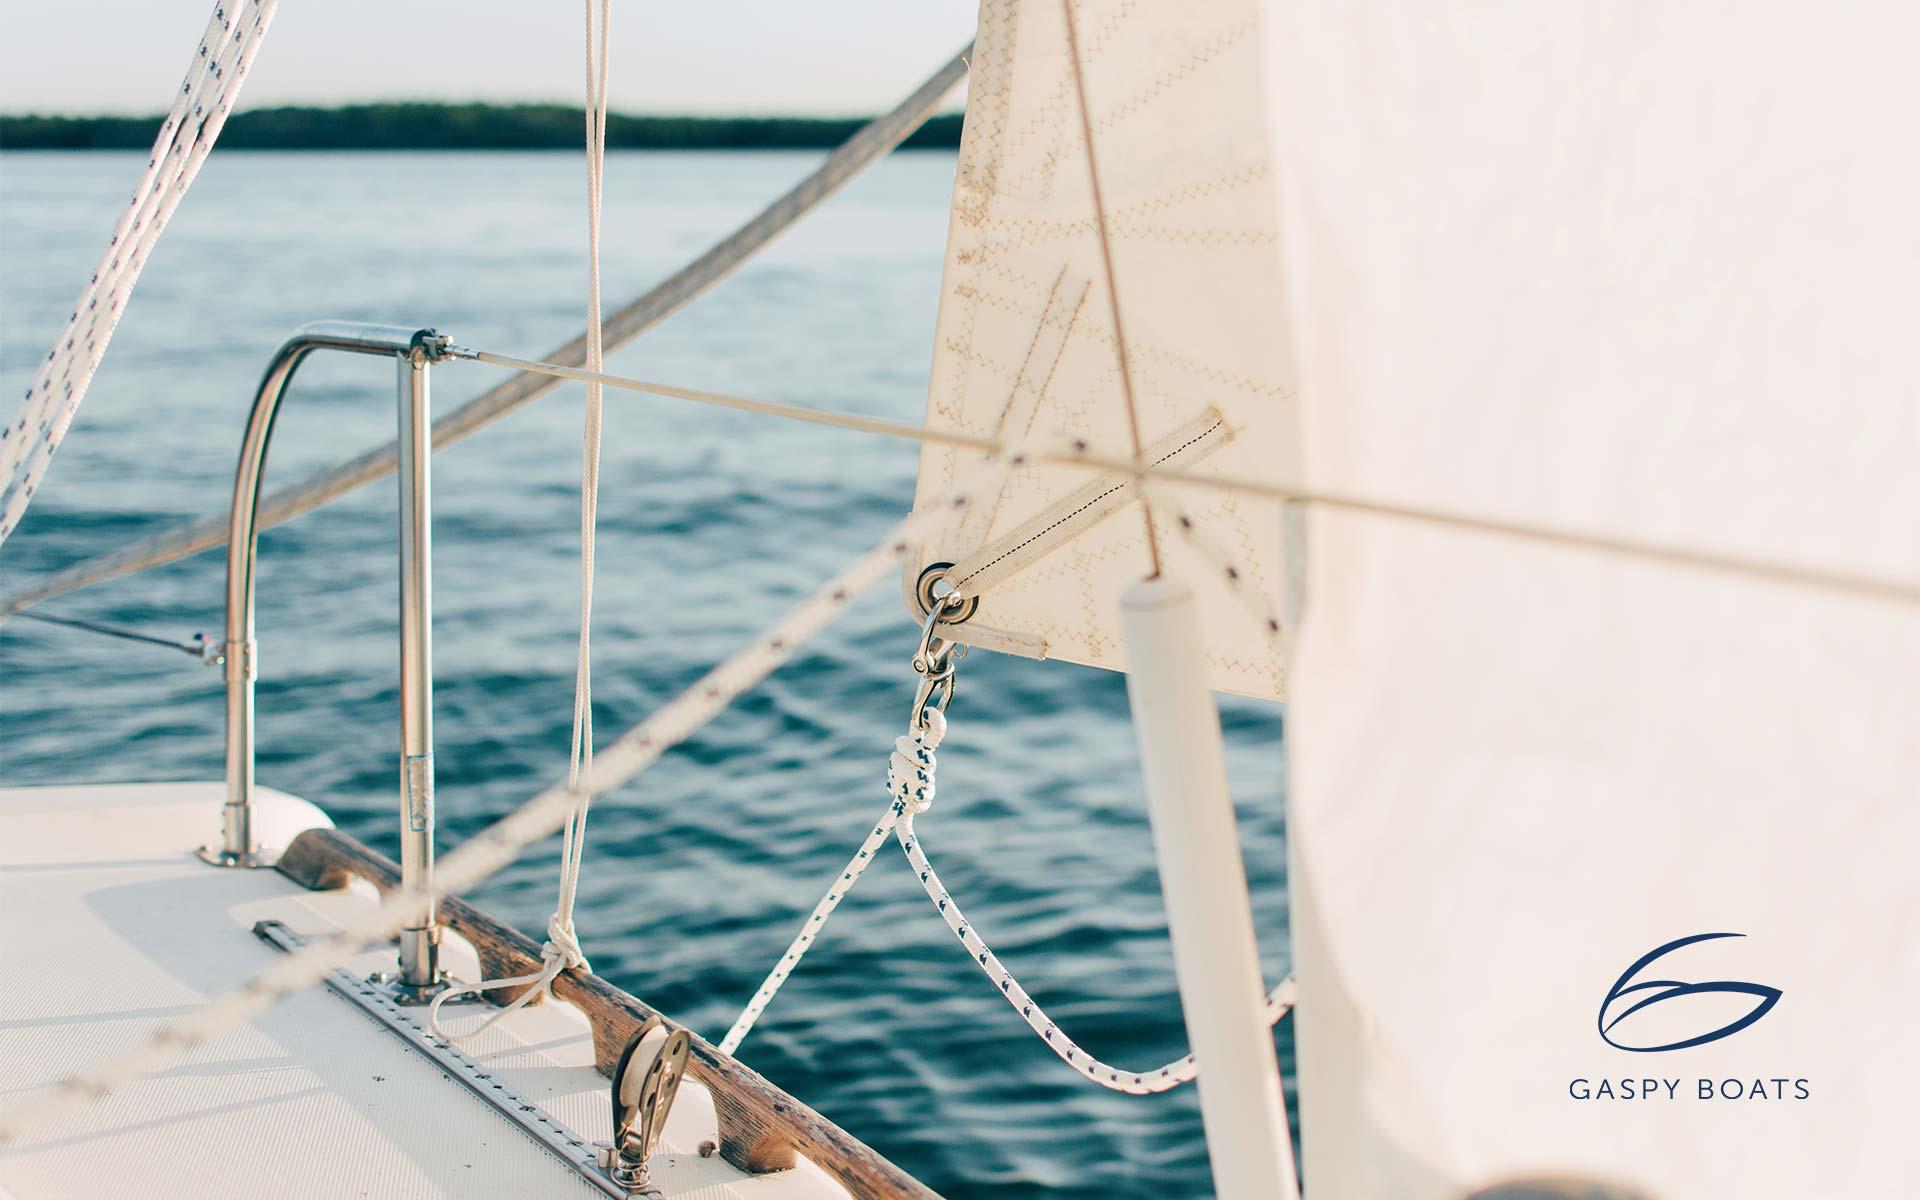 Gaspy Boats Imagen 10